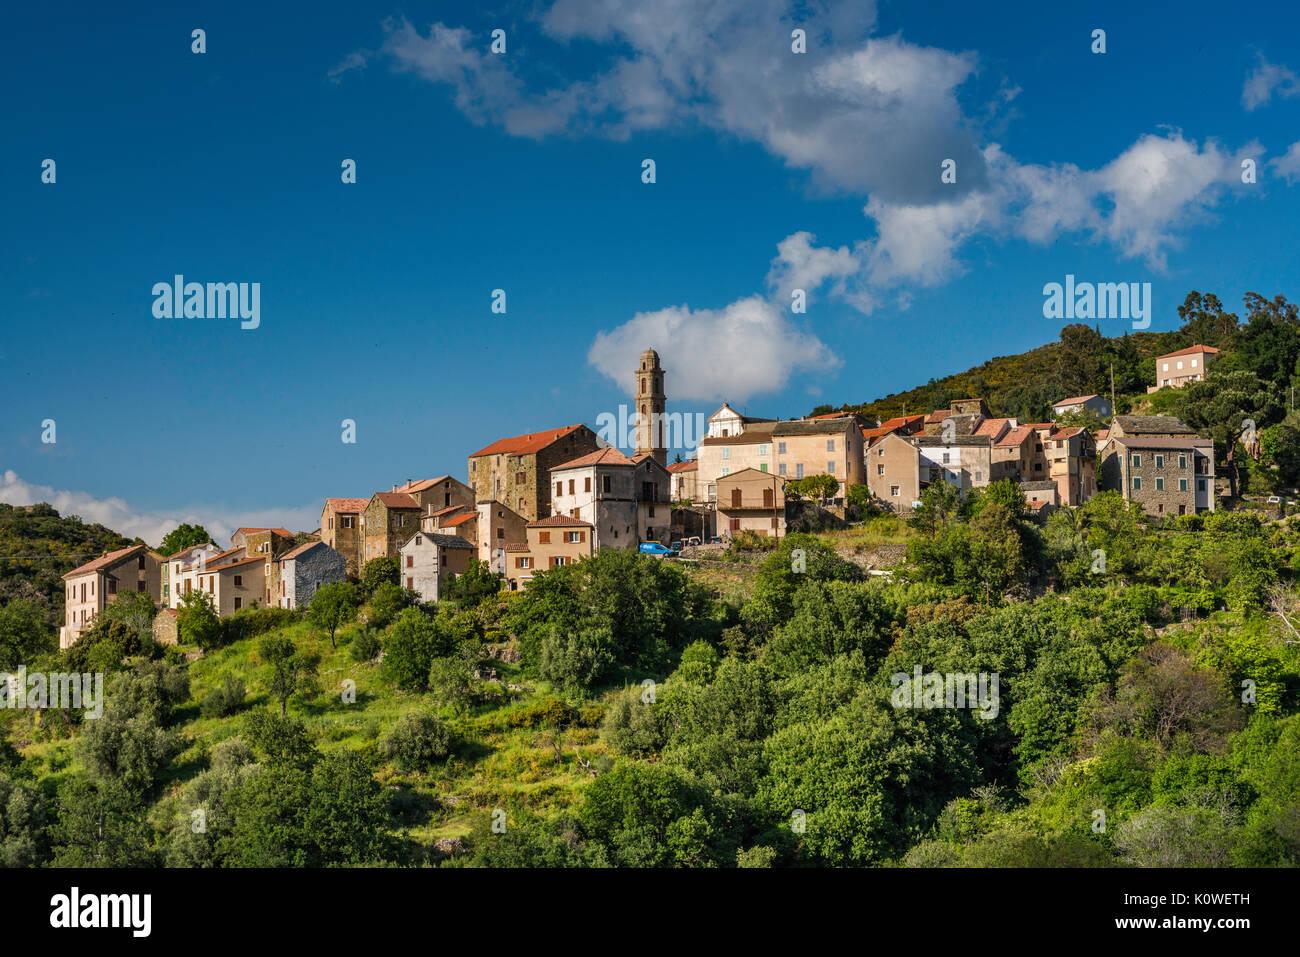 Stadt von Pieve, Nebbio Region, Departement Haute-Corse, Korsika, Frankreich Stockbild